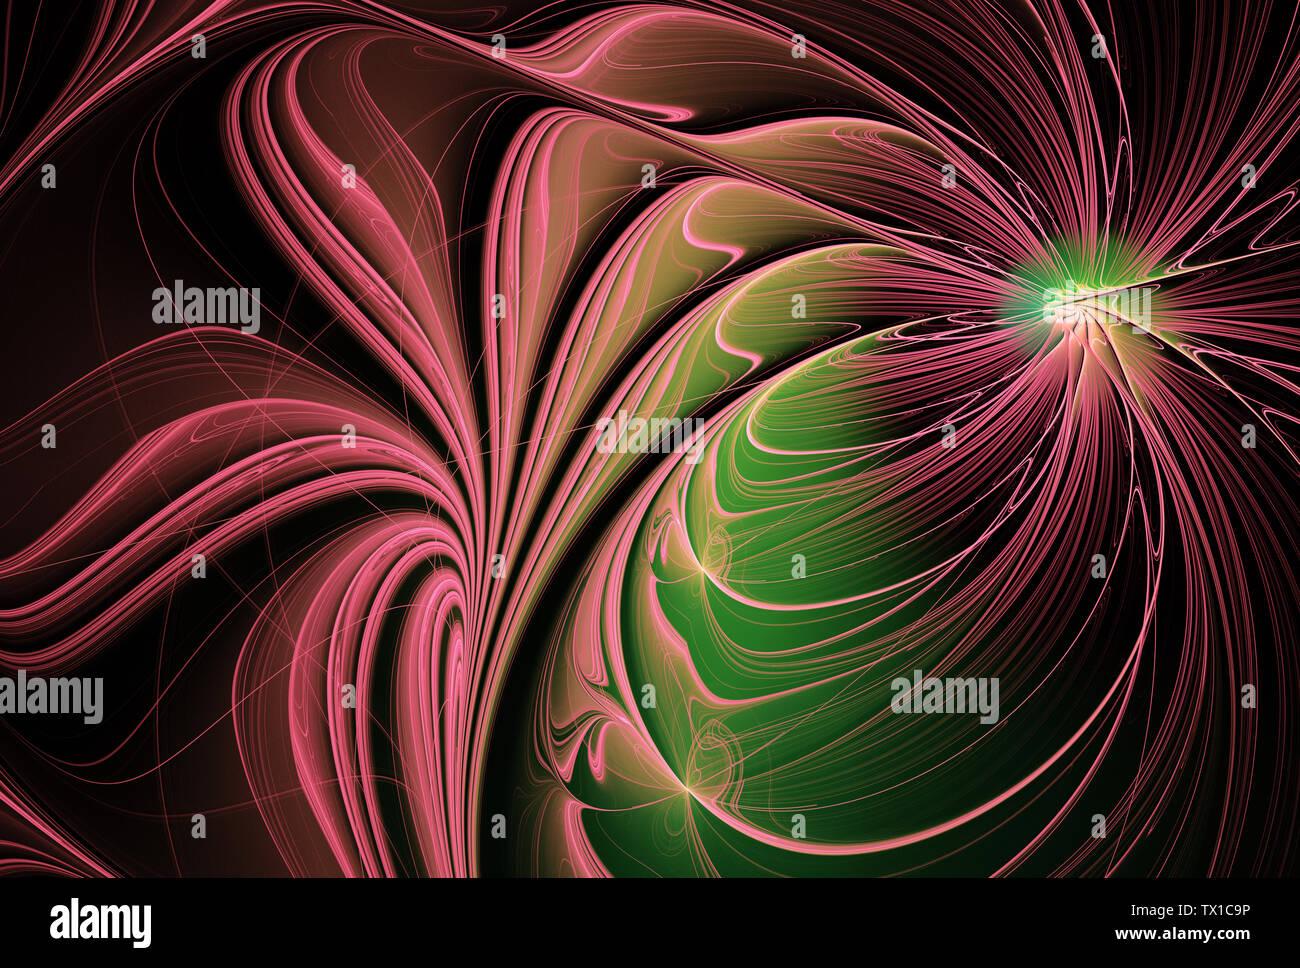 Résumé arrière-plan dynamique couleur avec effet d'éclairage. La texture de la peinture lumineuse futuriste de la créativité de la conception graphique. Modèle pour le papier peint, poste Banque D'Images